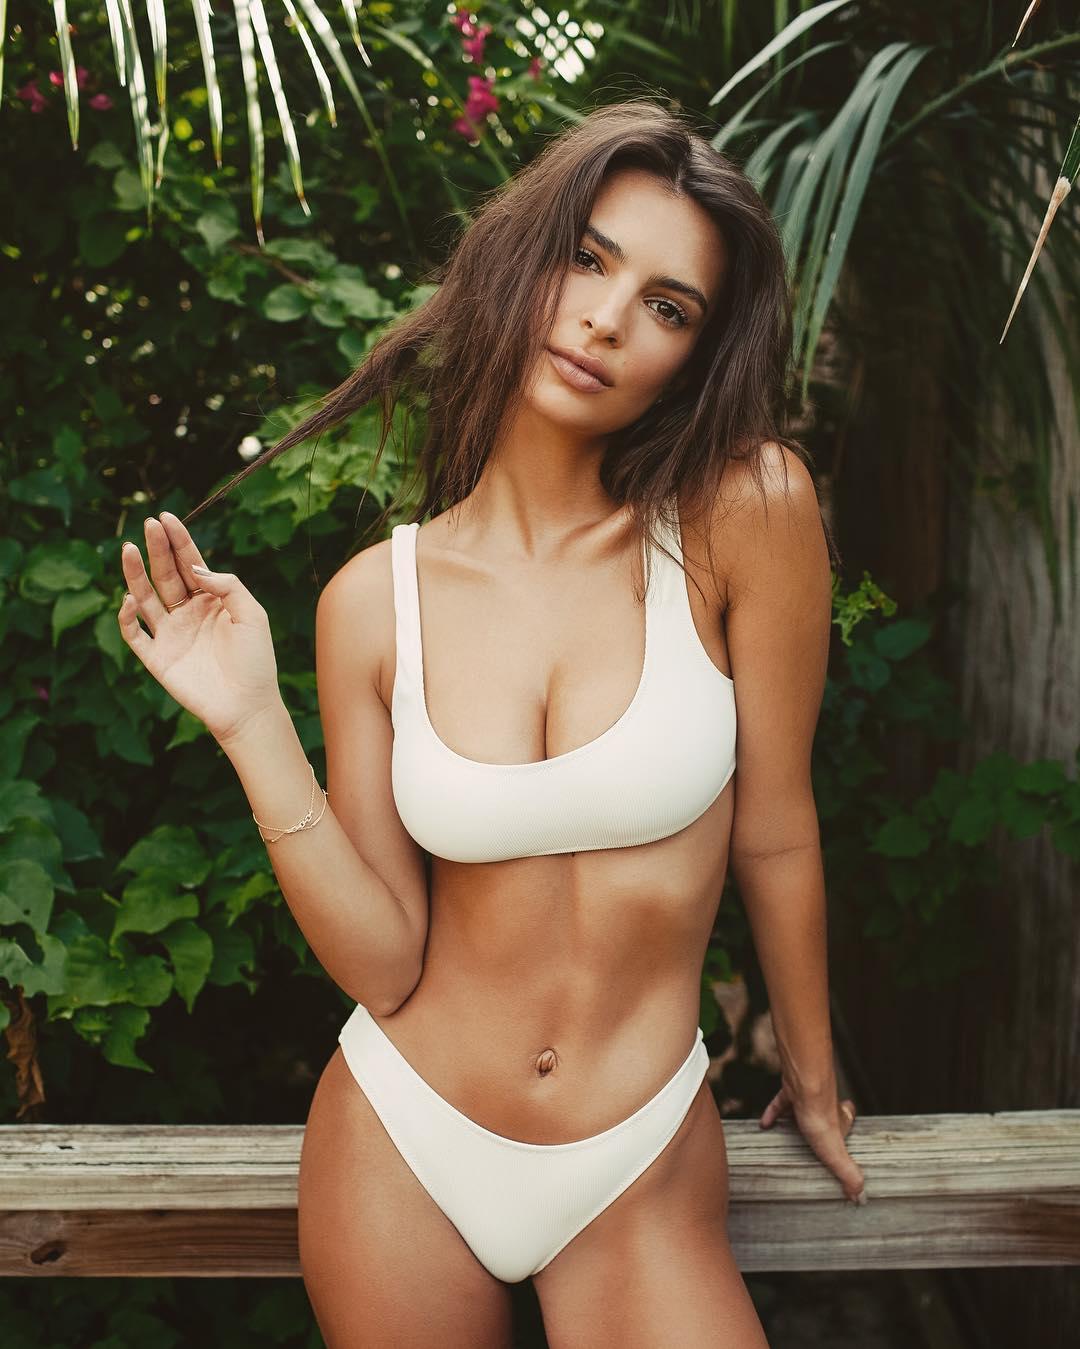 Başarılı ve güzel model Emily Ratajkowski sexy beyaz bikinisi ile Instagram hesabından çok cesur pozlar paylaştı. HD foto galeri için buraya tıklayın.